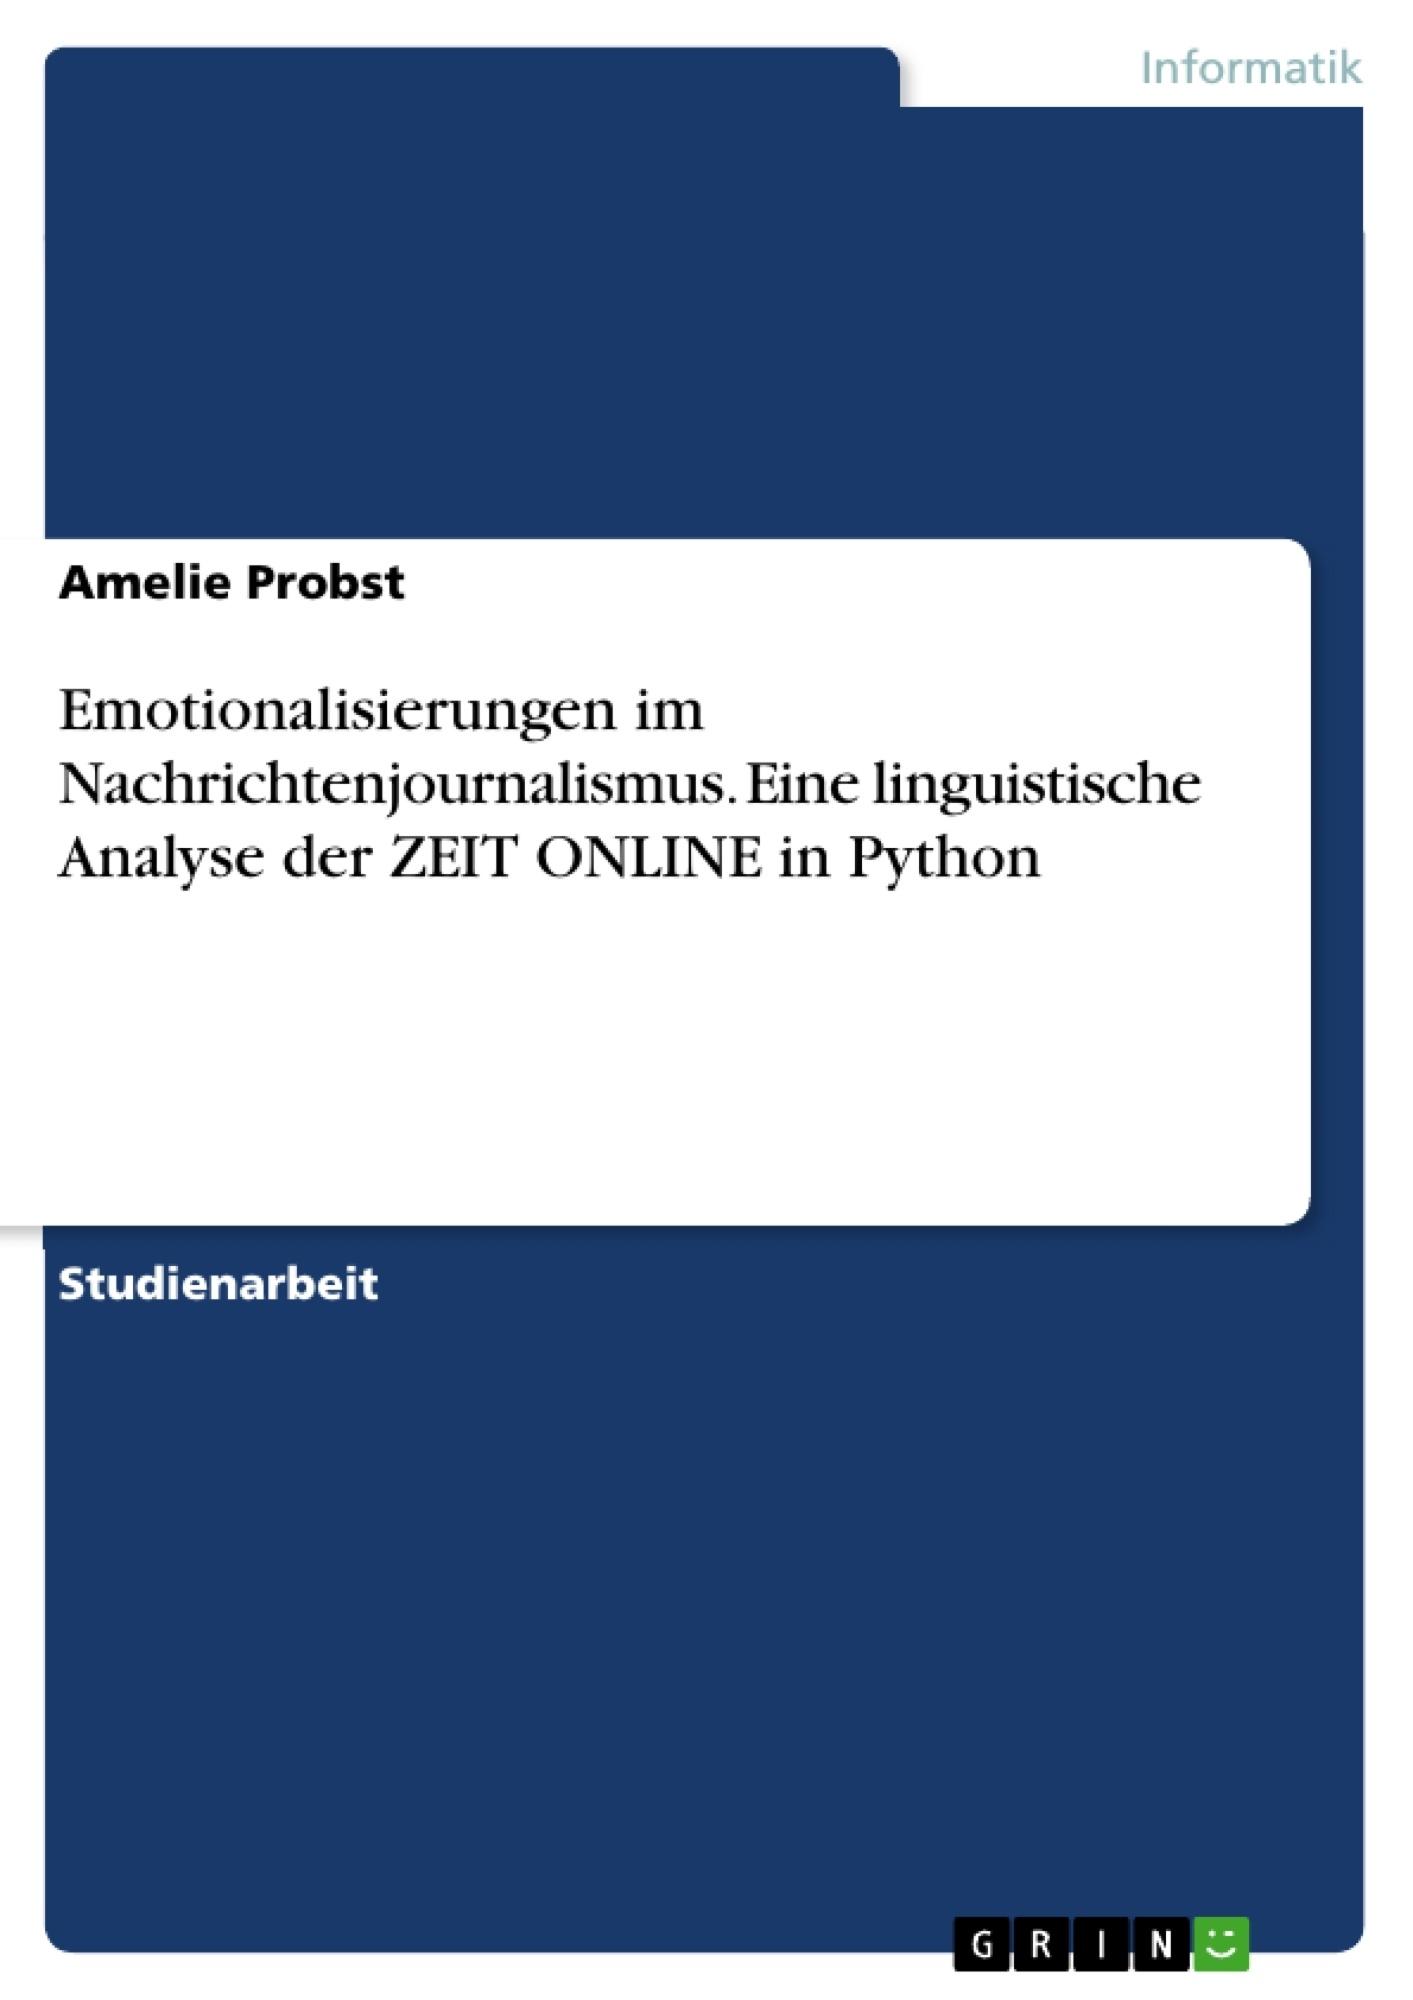 Titel: Emotionalisierungen im Nachrichtenjournalismus. Eine linguistische Analyse der ZEIT ONLINE in Python